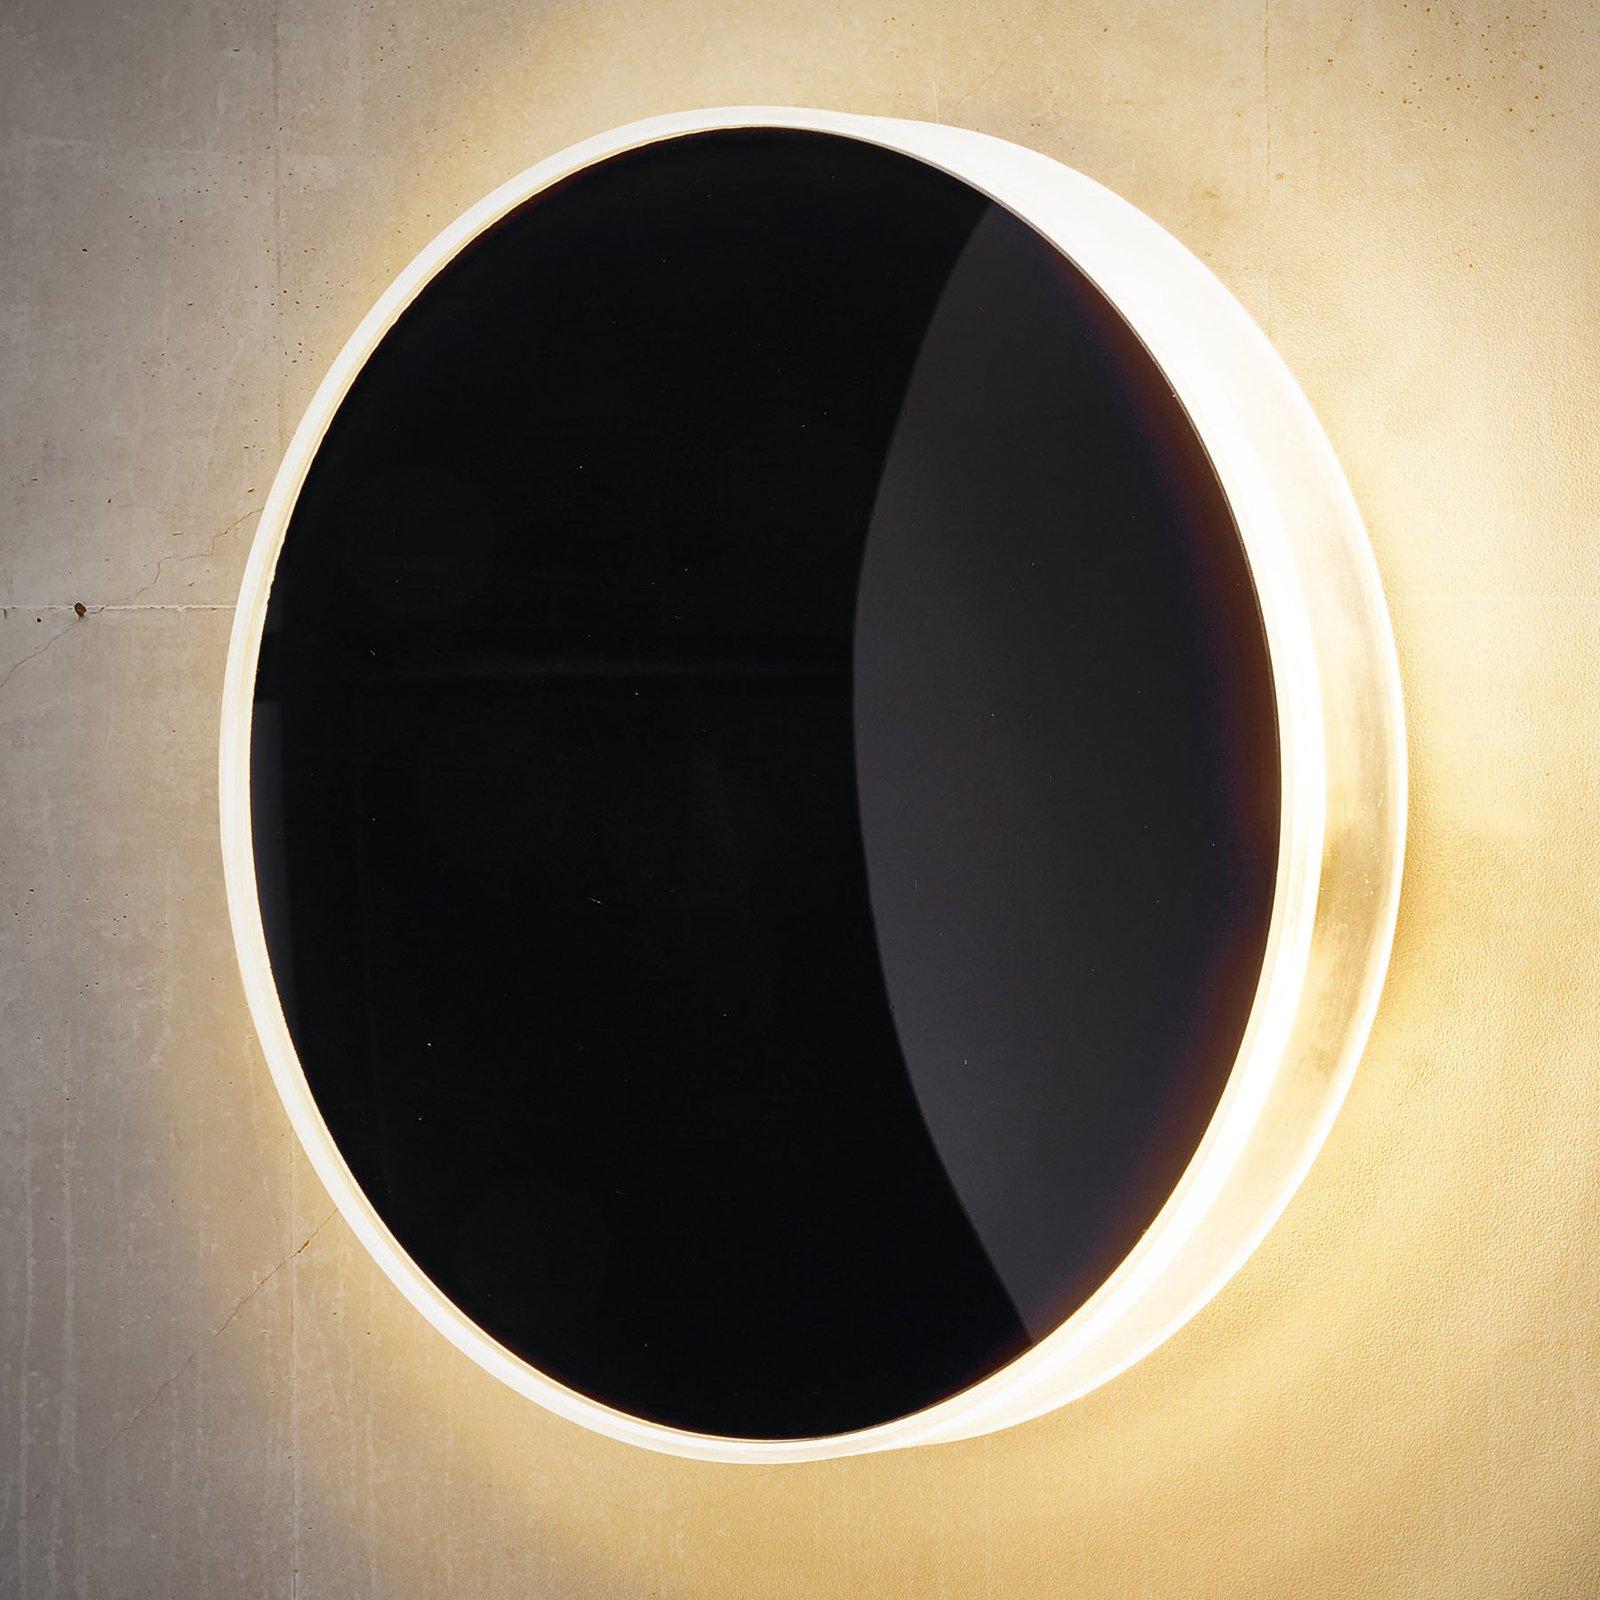 Utendørs LED-vegglampe Marbella, svart